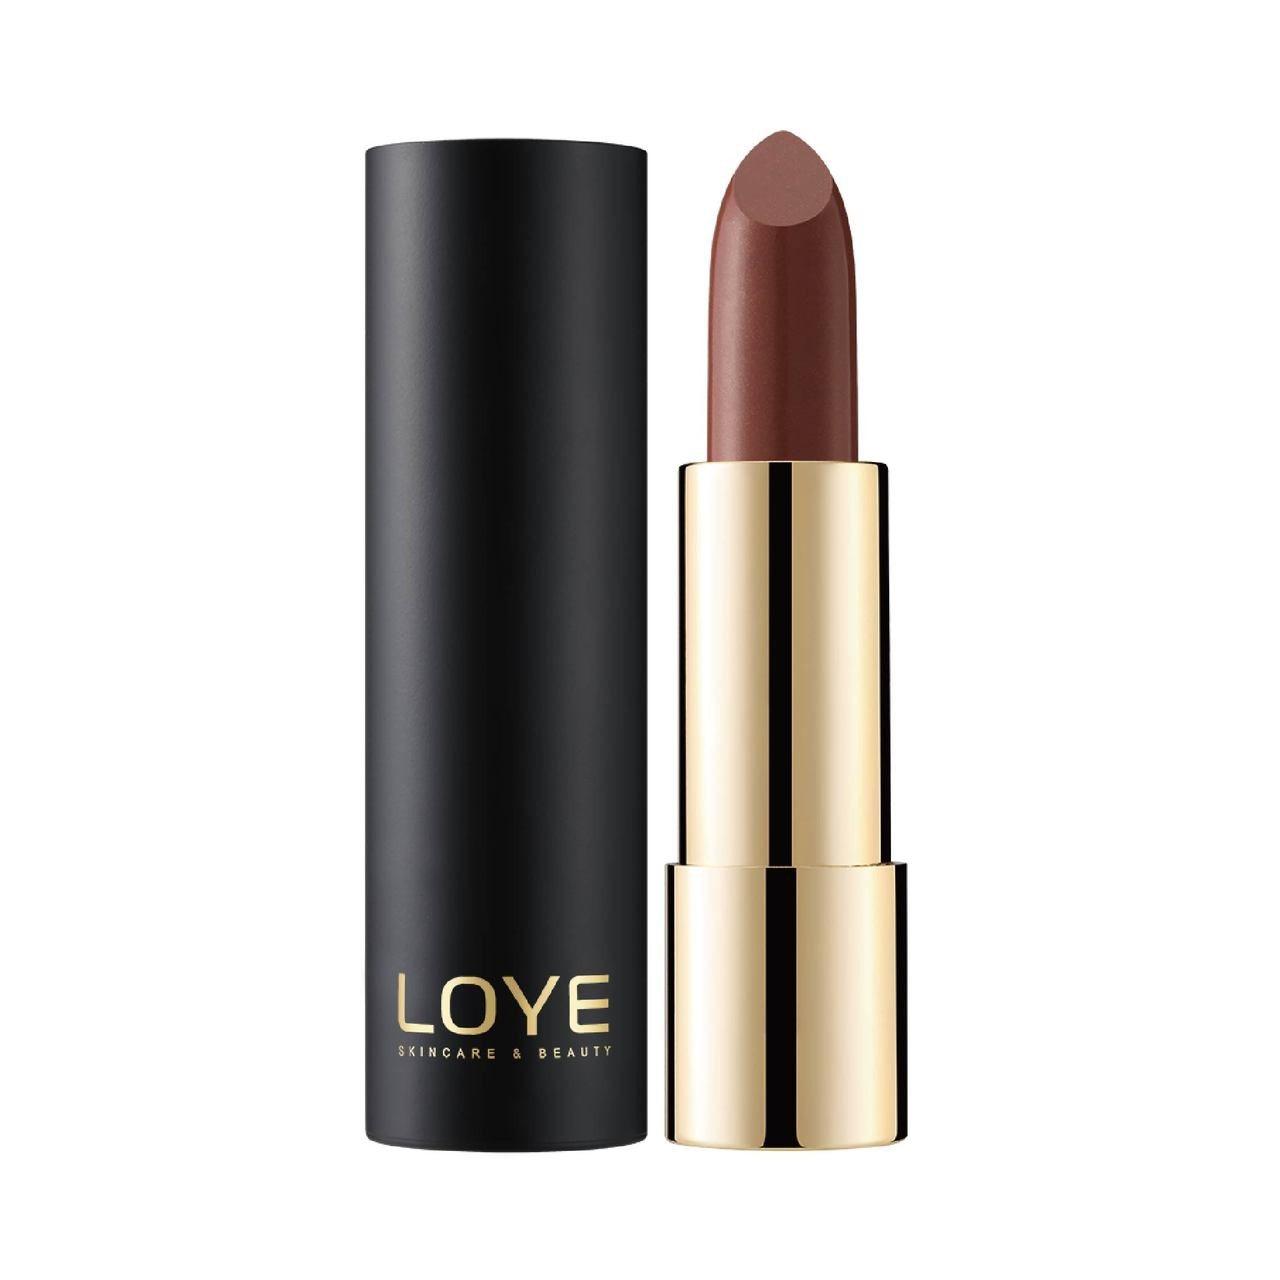 LOYE樂妍魅色勾吻唇膏5.9折,售價980元、特價580元。圖/主辦單位提供